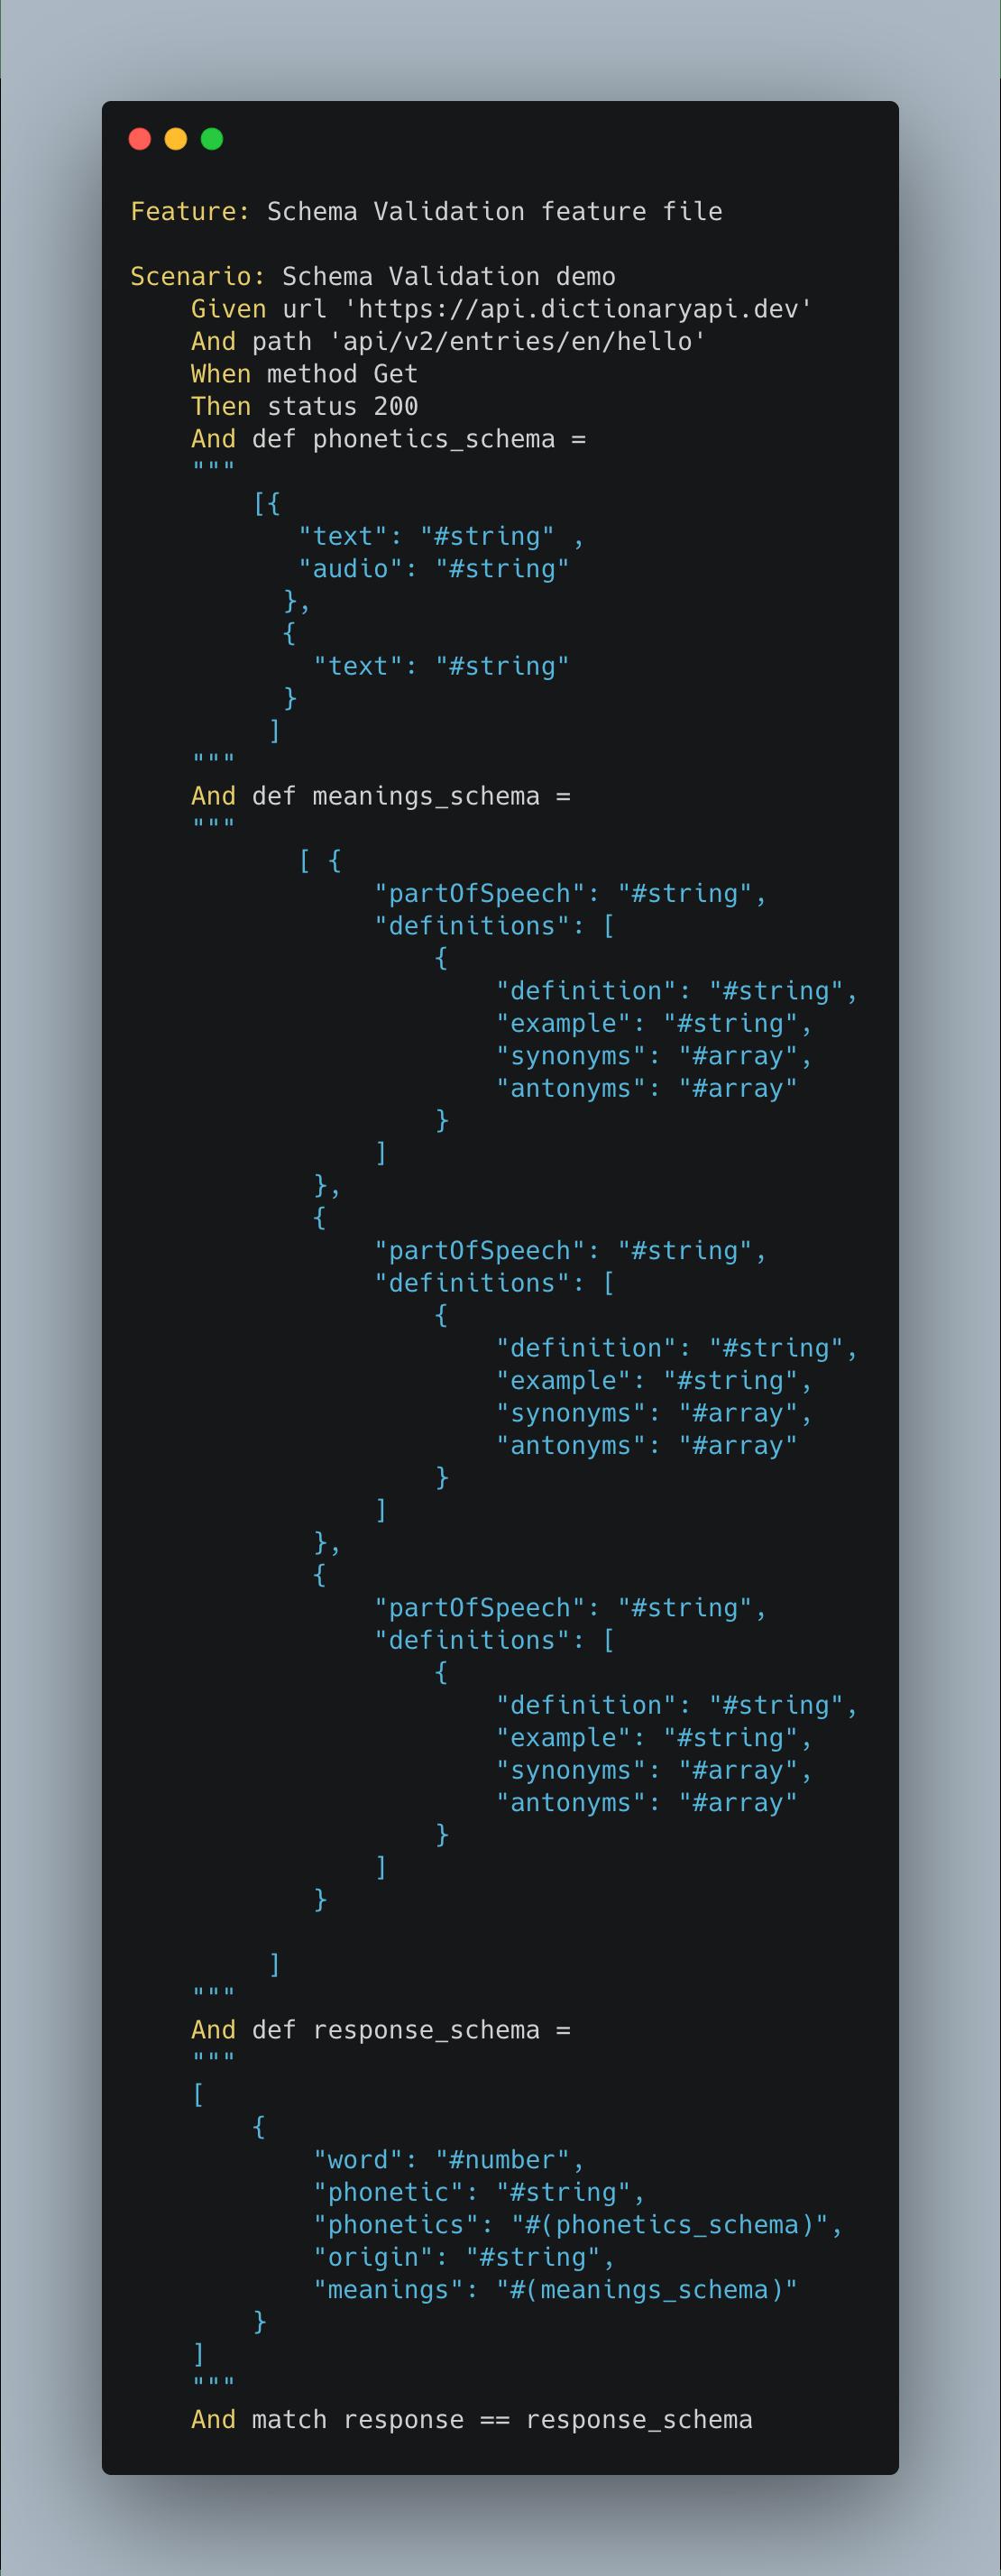 failure feature file